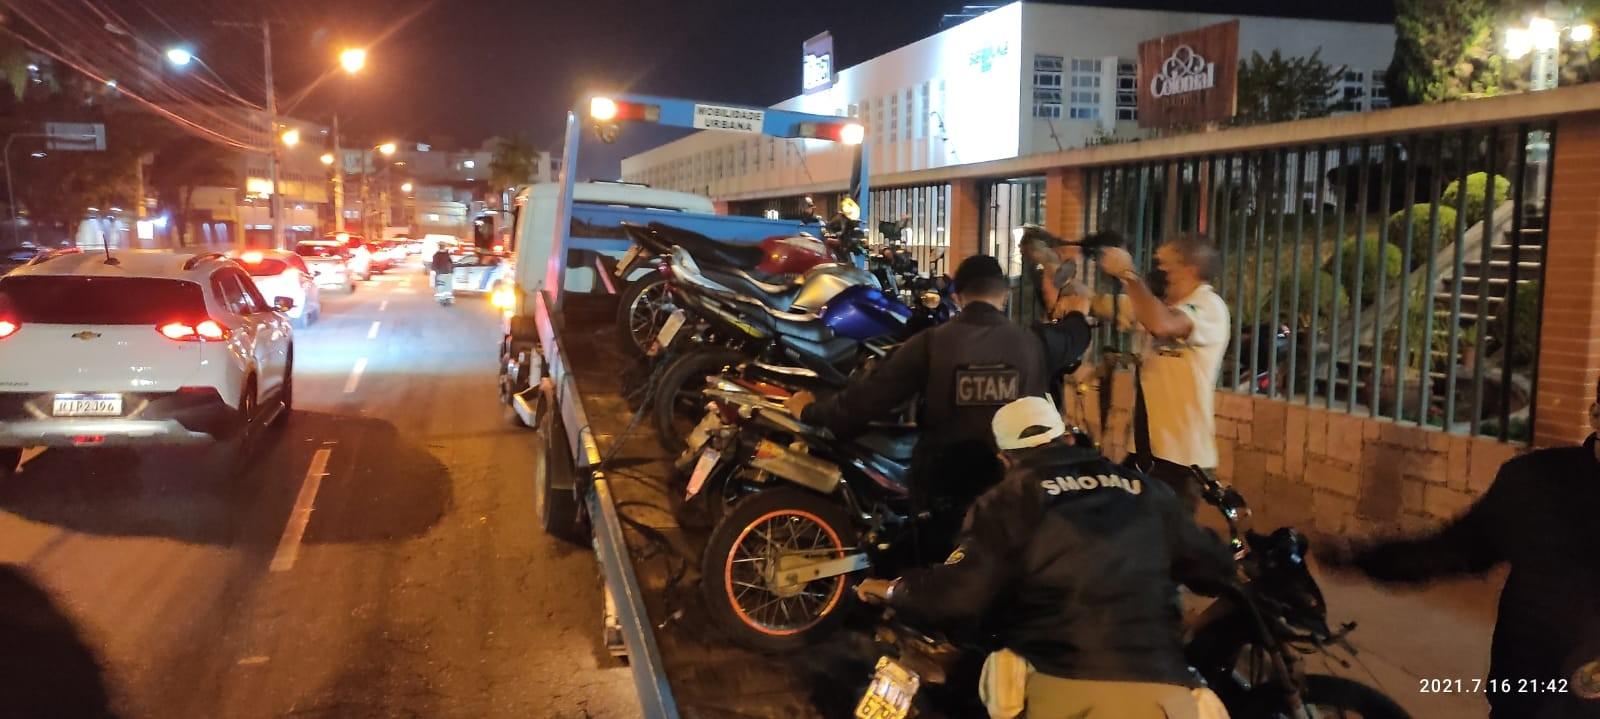 Motos foram apreendidas em operação da SMOMU. (Foto: Divulgação/PMNF)